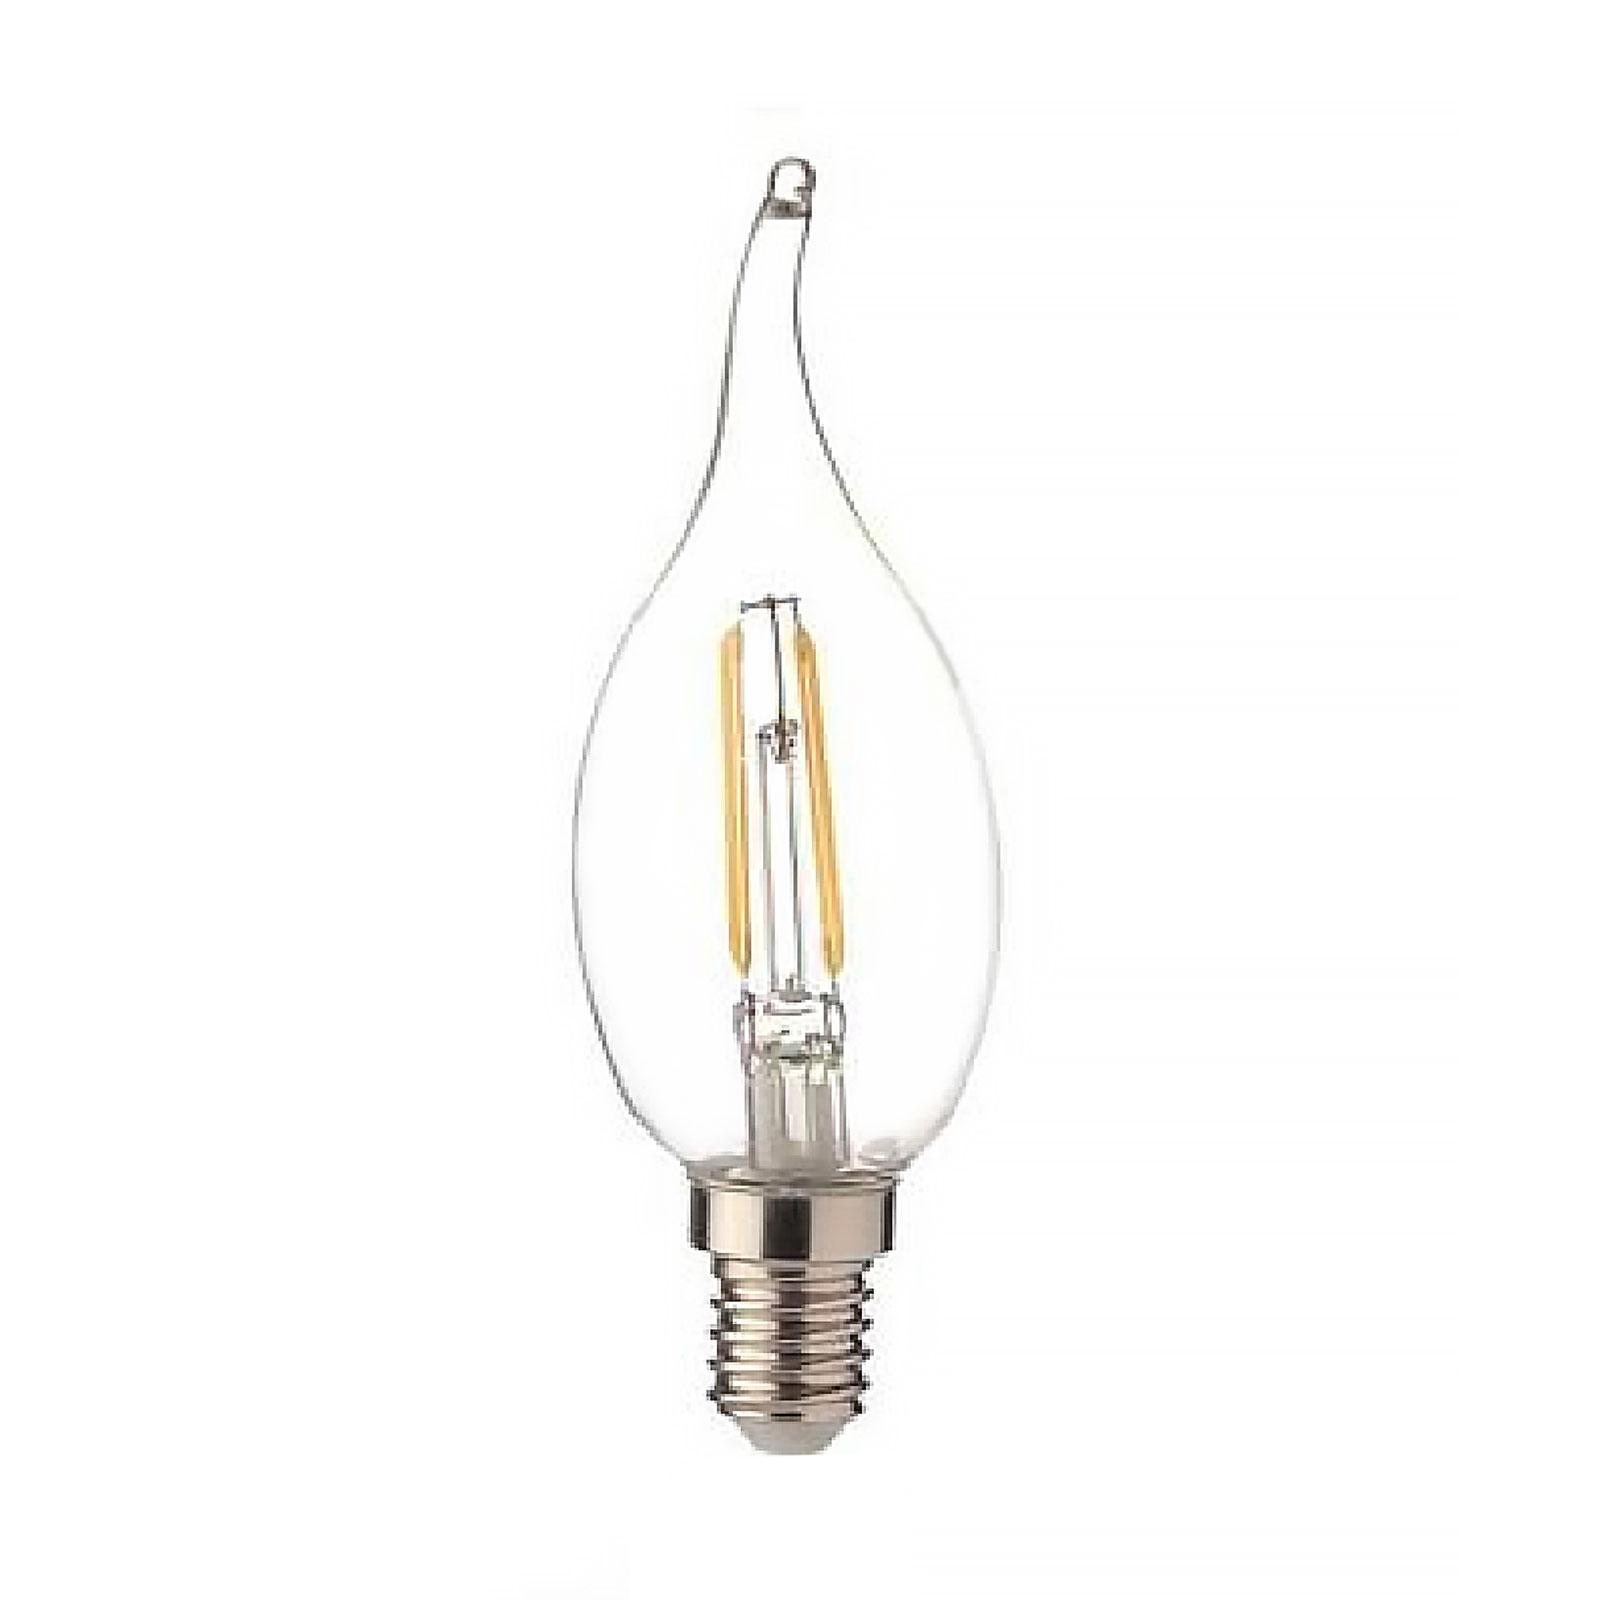 لامپ 4 وات فیلامنتی اشکی نمانور